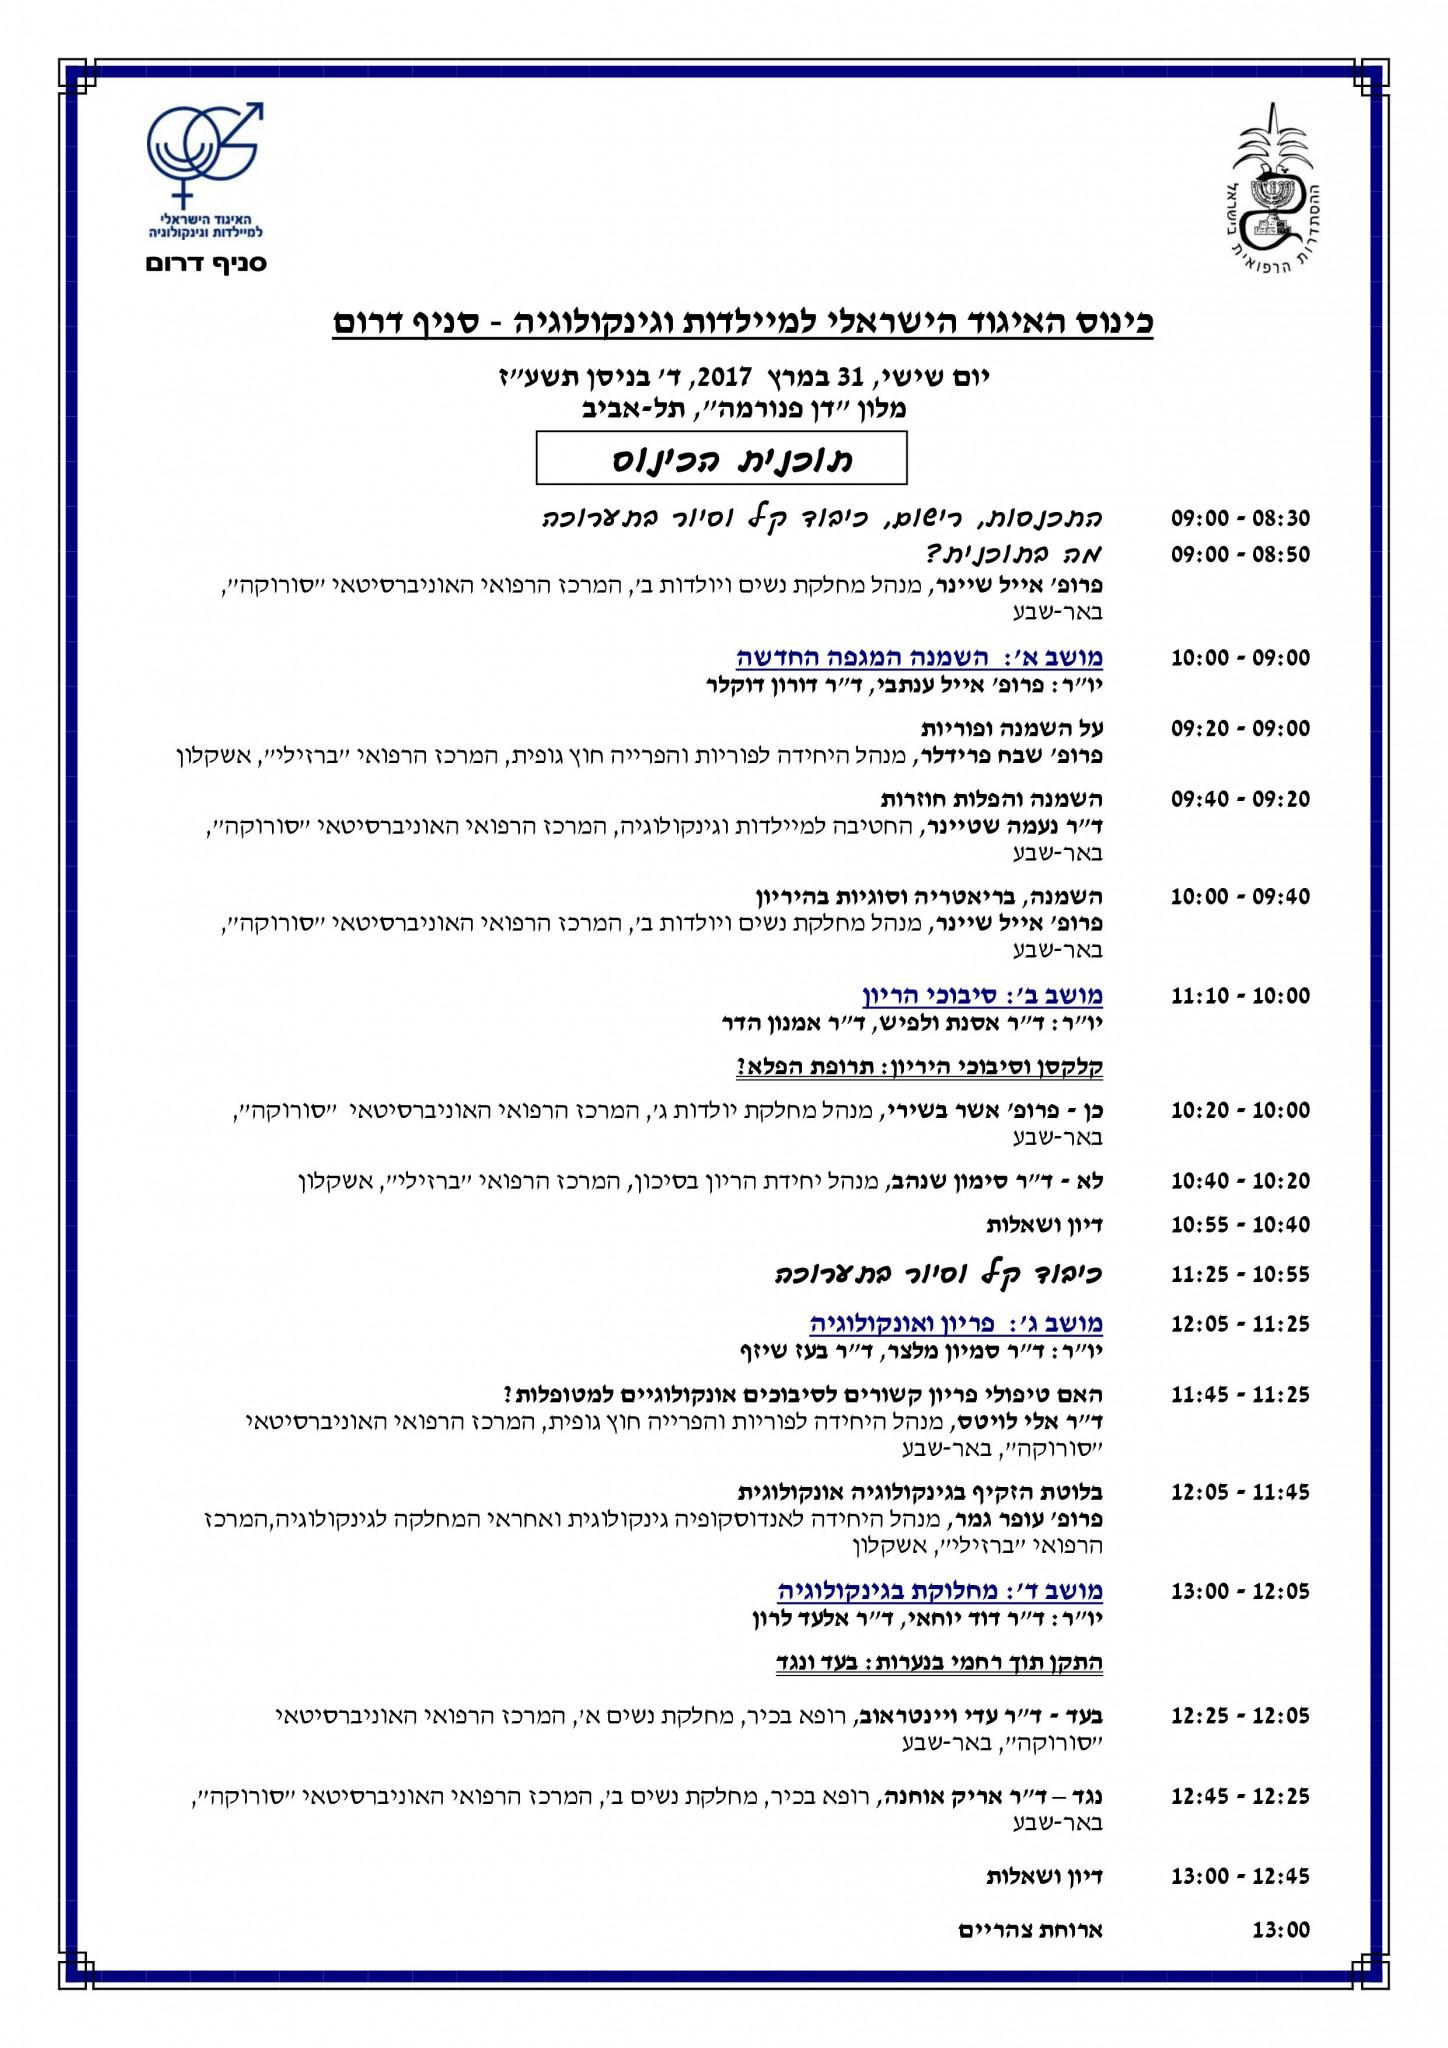 כינוס האיגוד הישראלי למיילדות וגינקולוגיה – סניף דרום